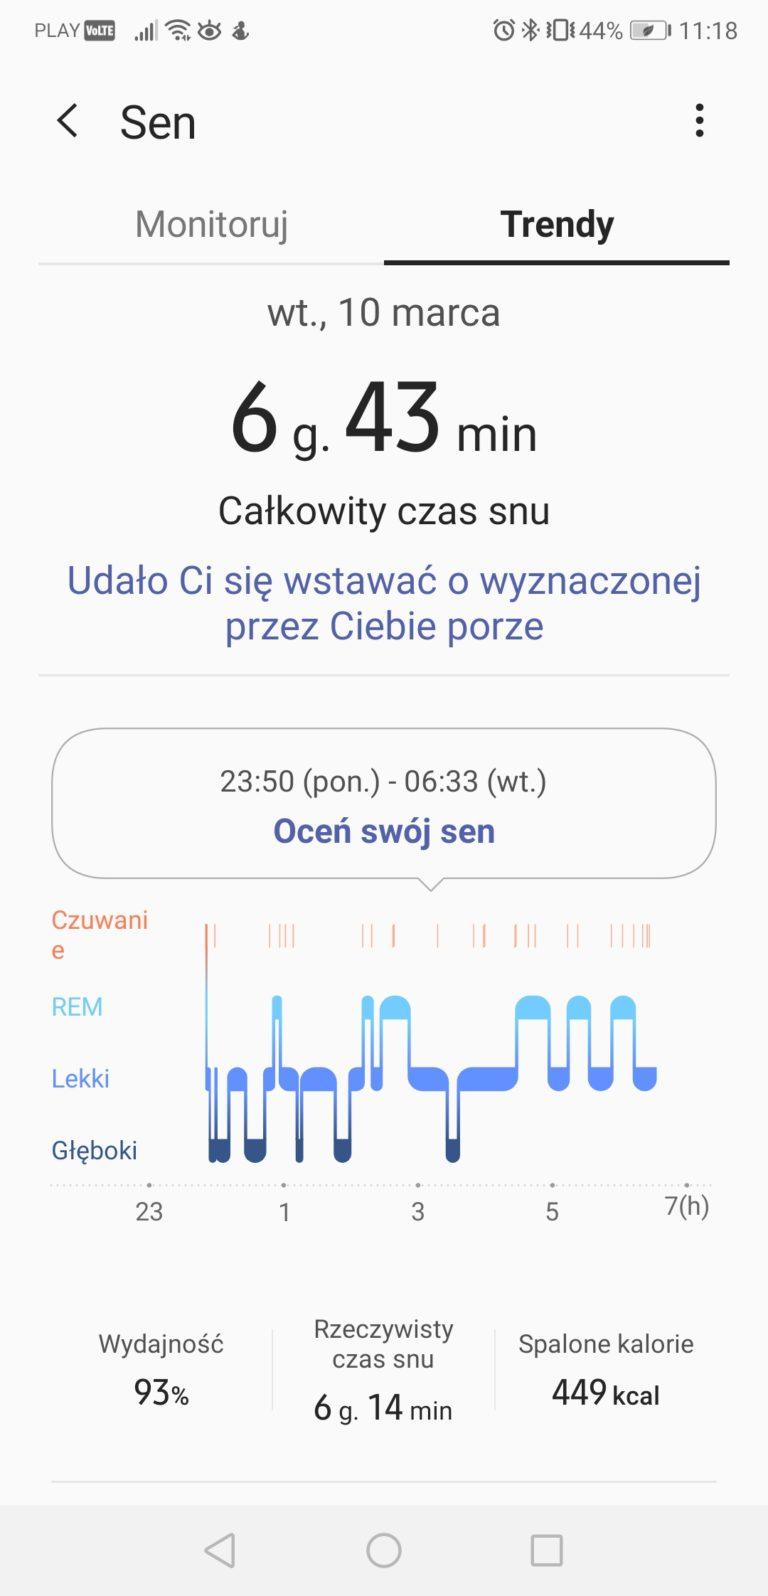 alaxy Watch Active 2 aplikacja do pomiaru jakości snu